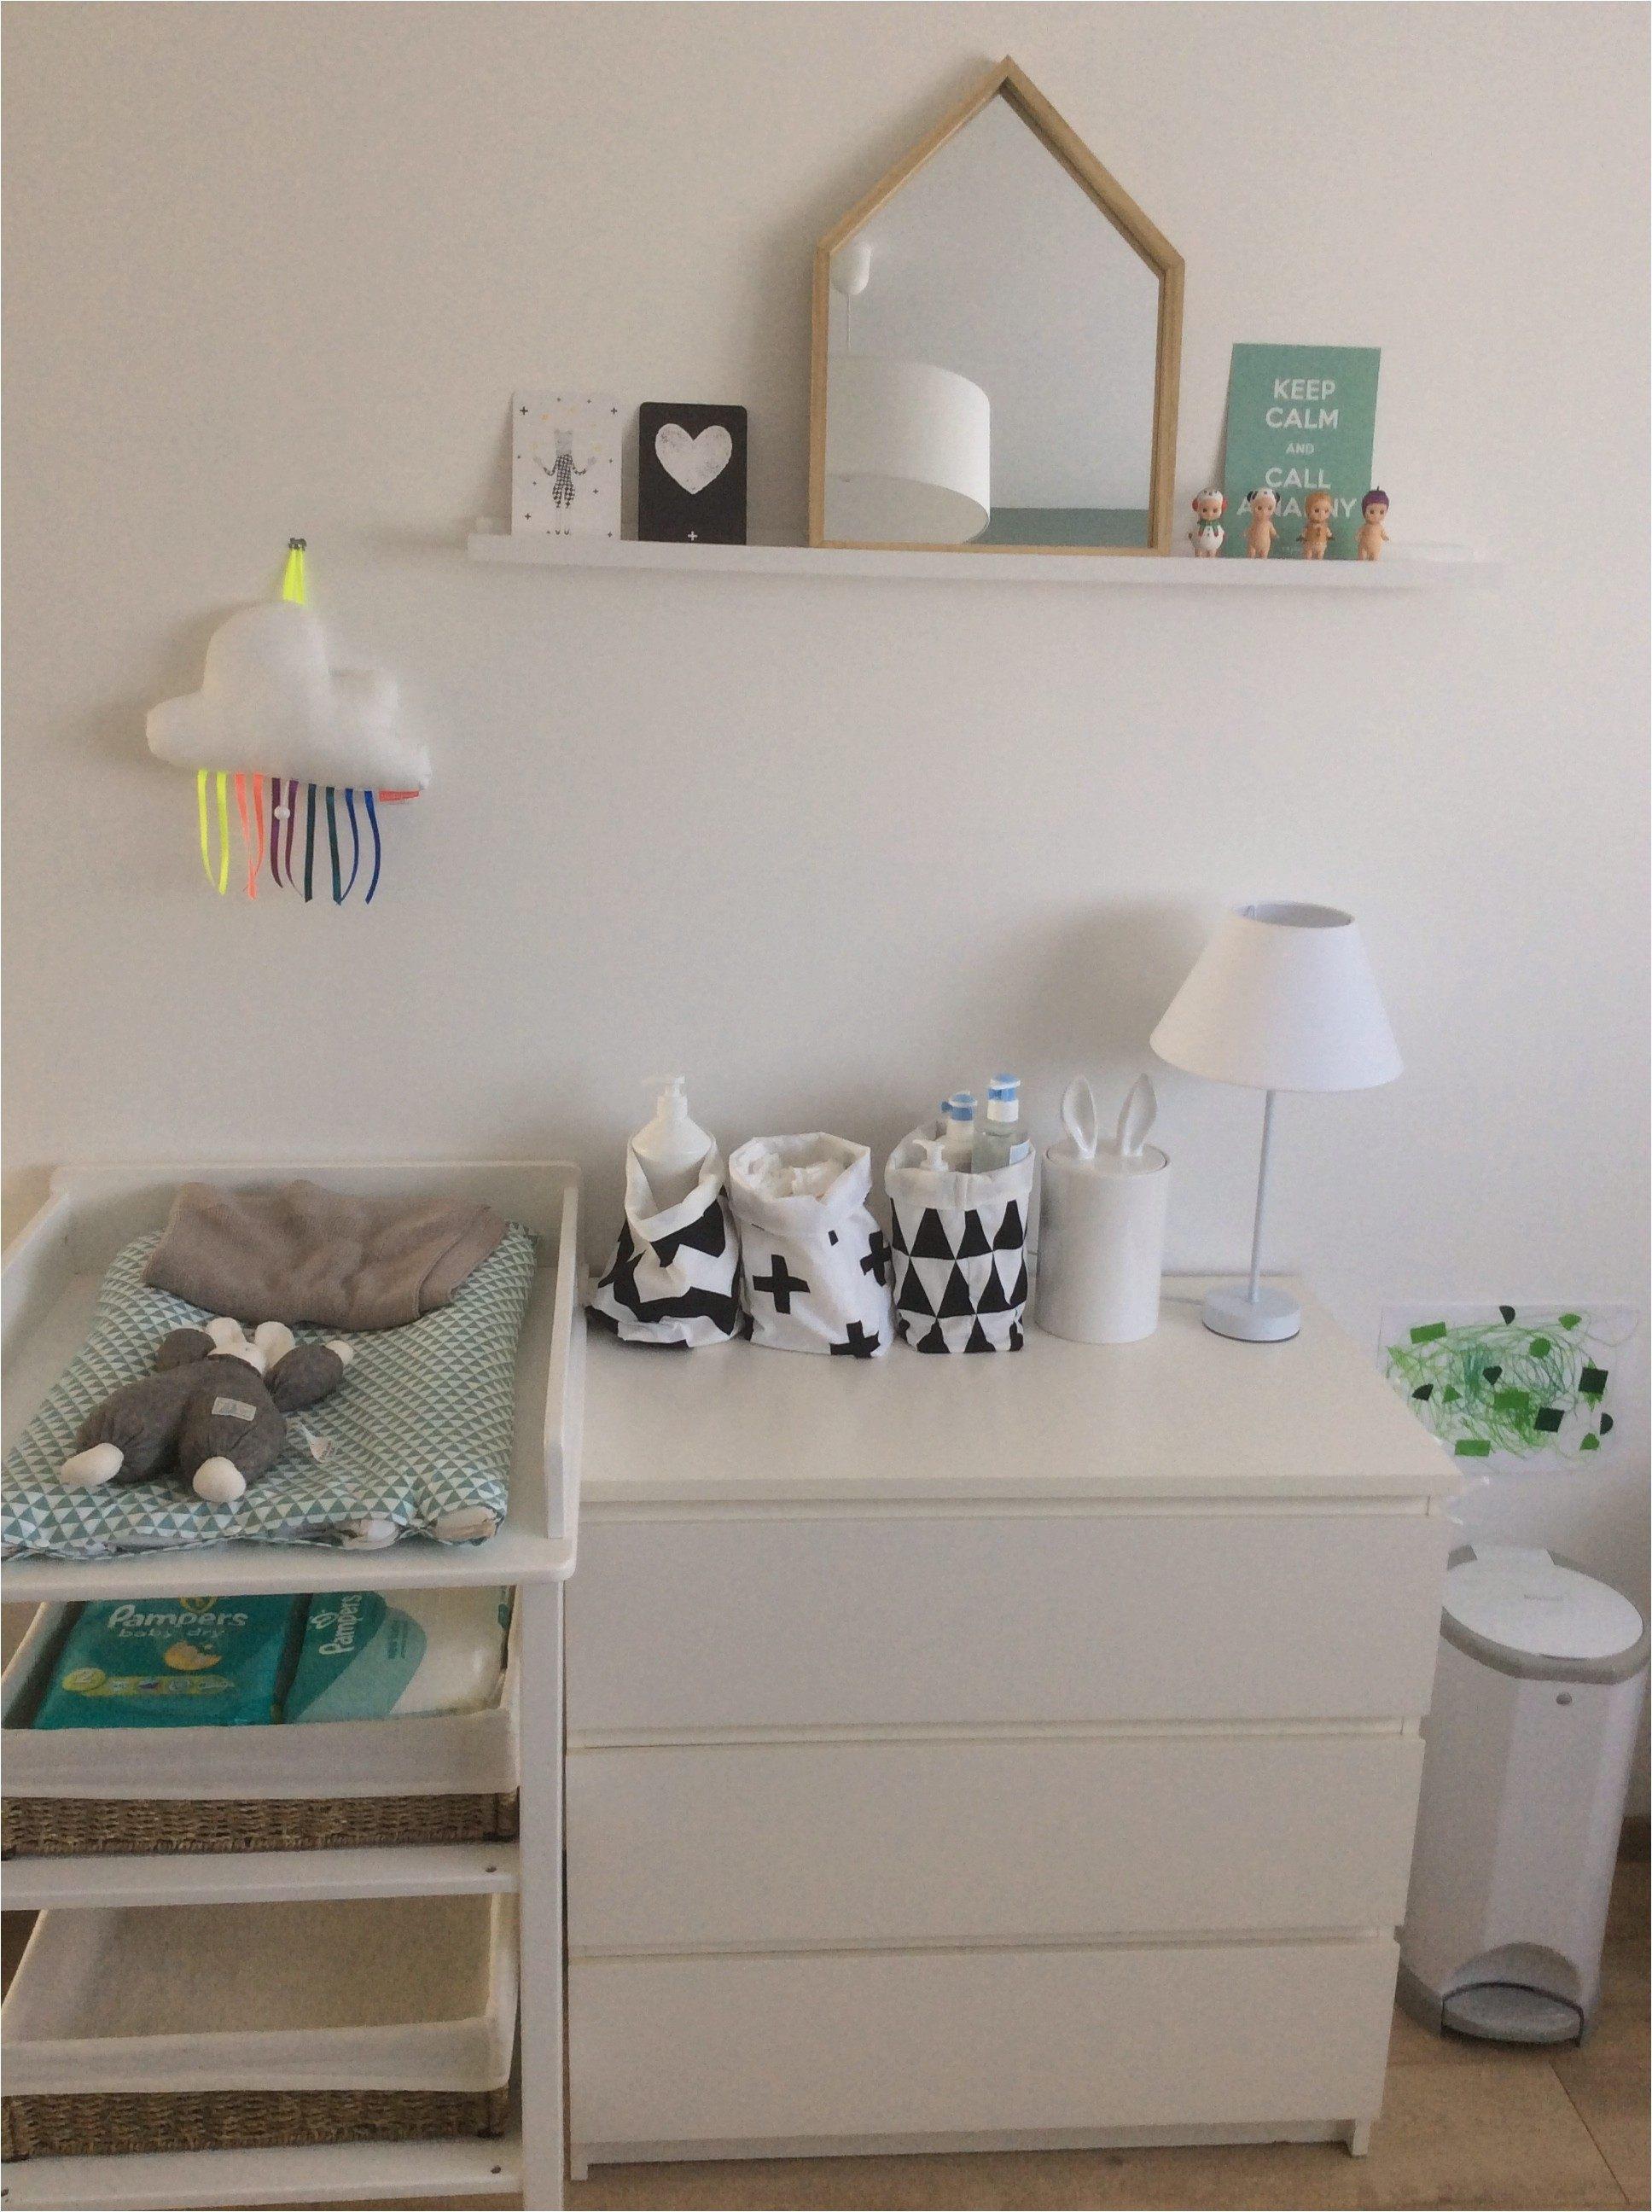 Lit Blanc Bebe Frais Baignoire Pliante Bébé Beautiful Lit Bebe Luxe 36 Ikea Best De Avec